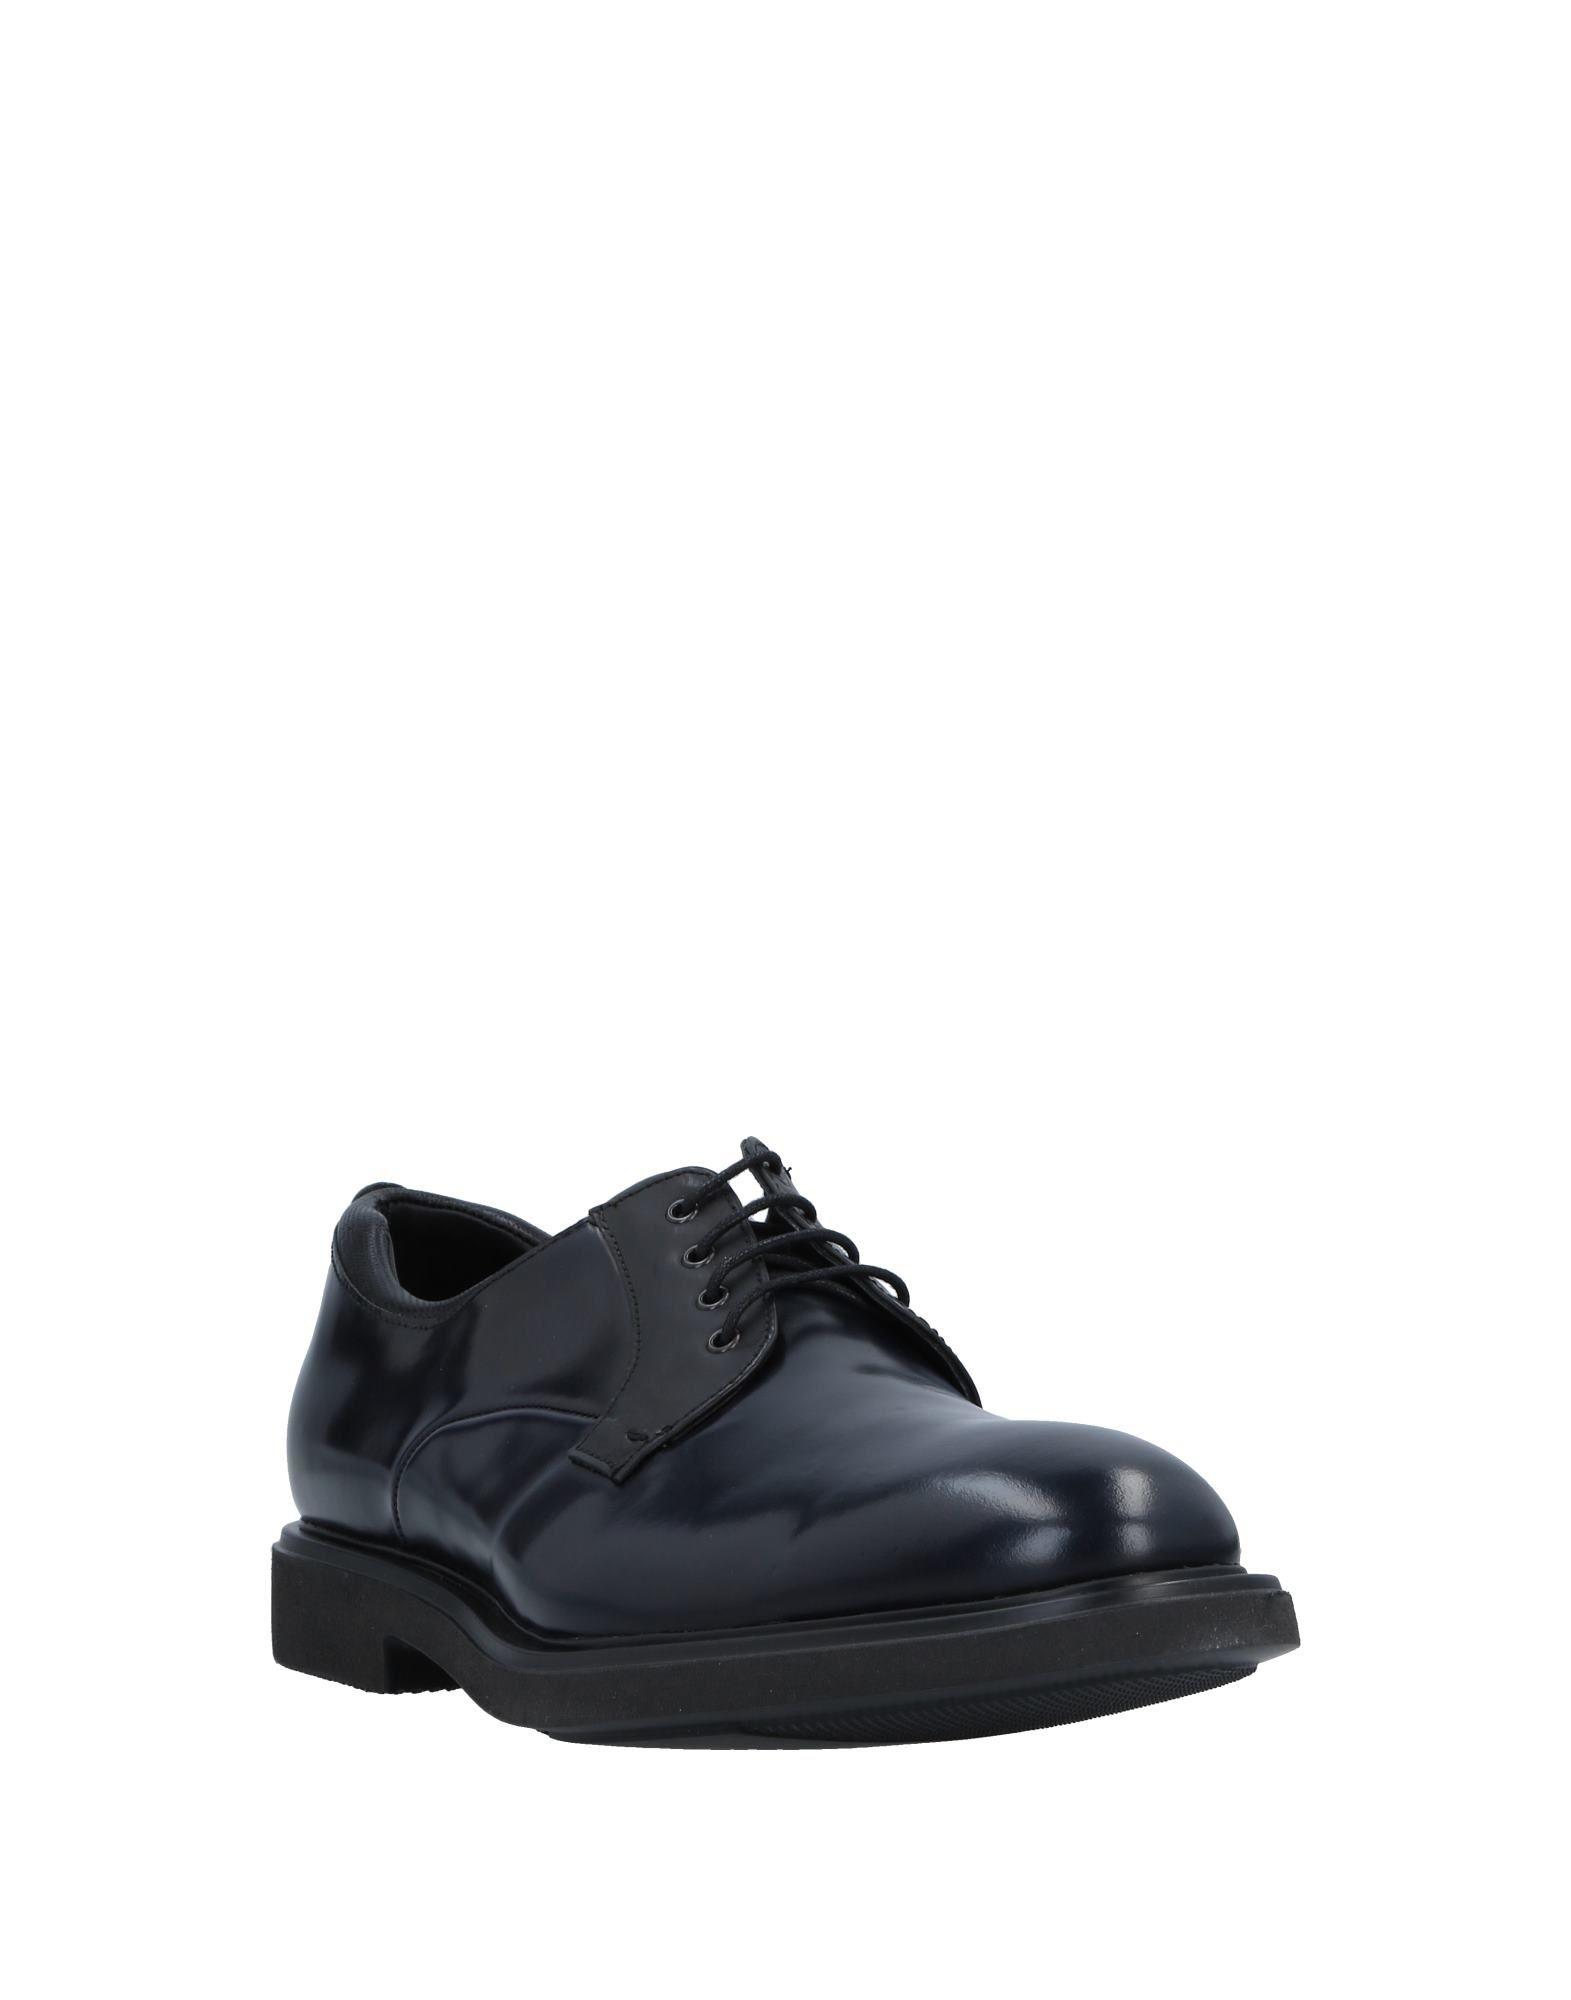 Rabatt echte 11534120XD Schuhe Amalfi Schnürschuhe Herren  11534120XD echte bed258